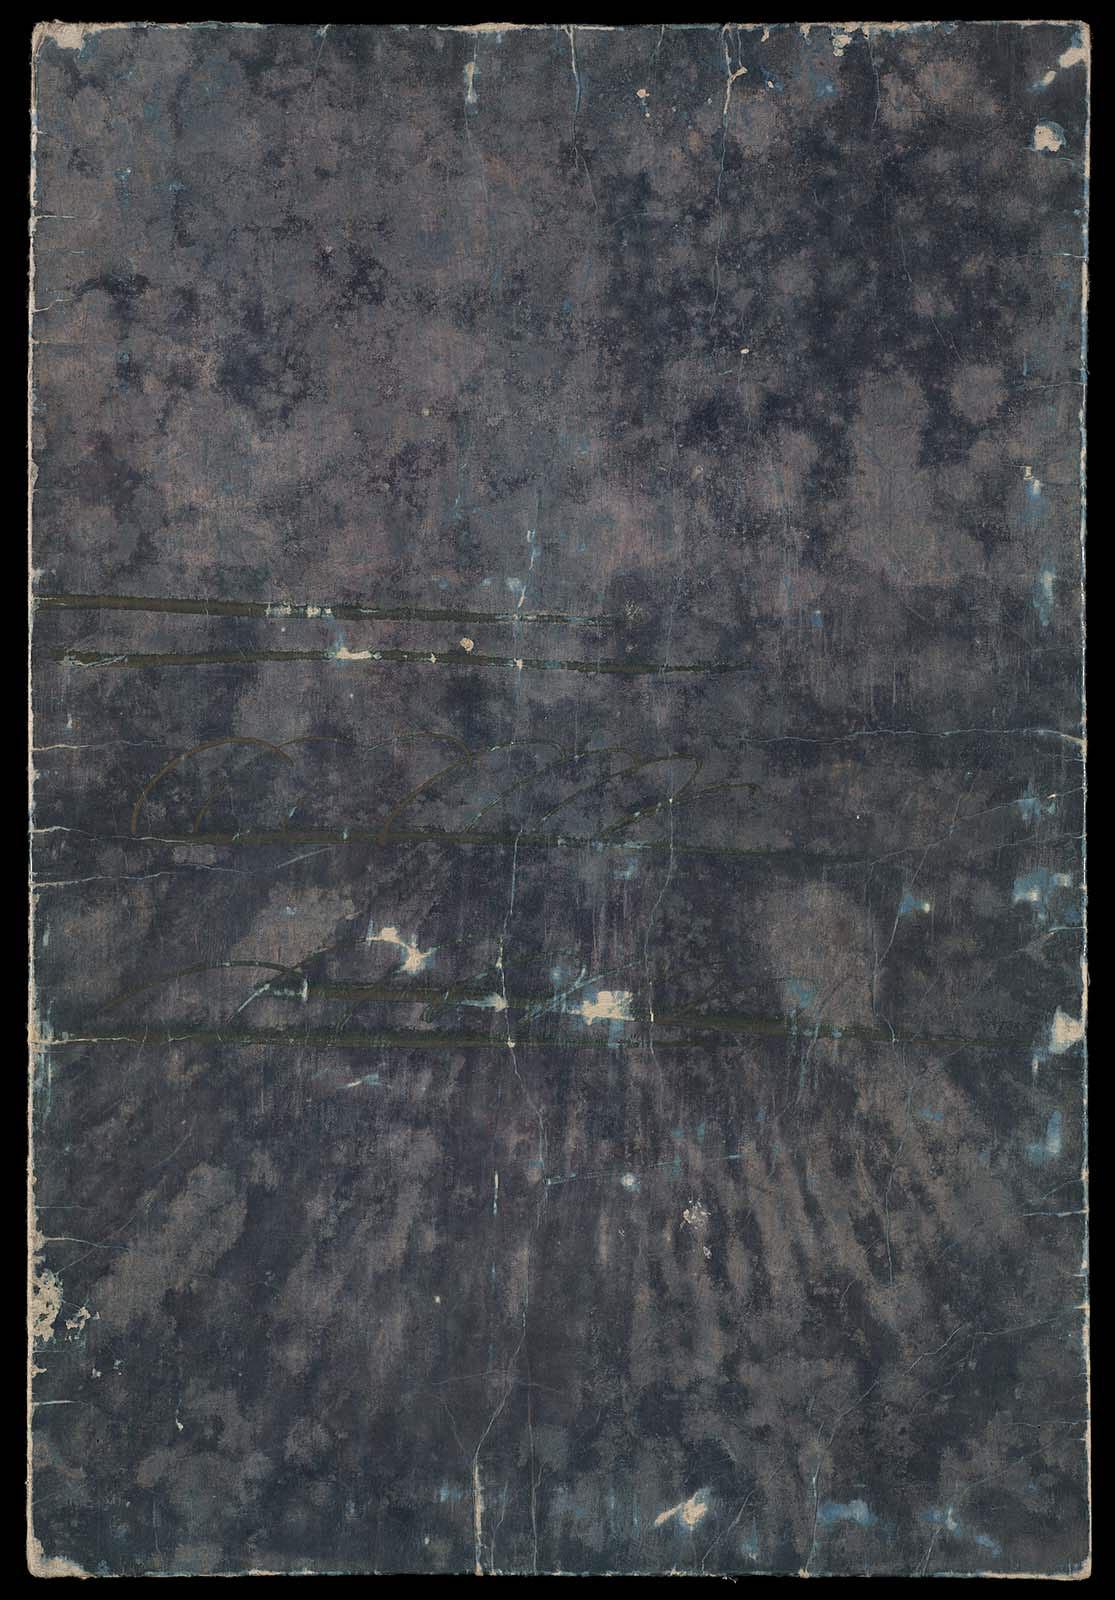 SC204468.jpg